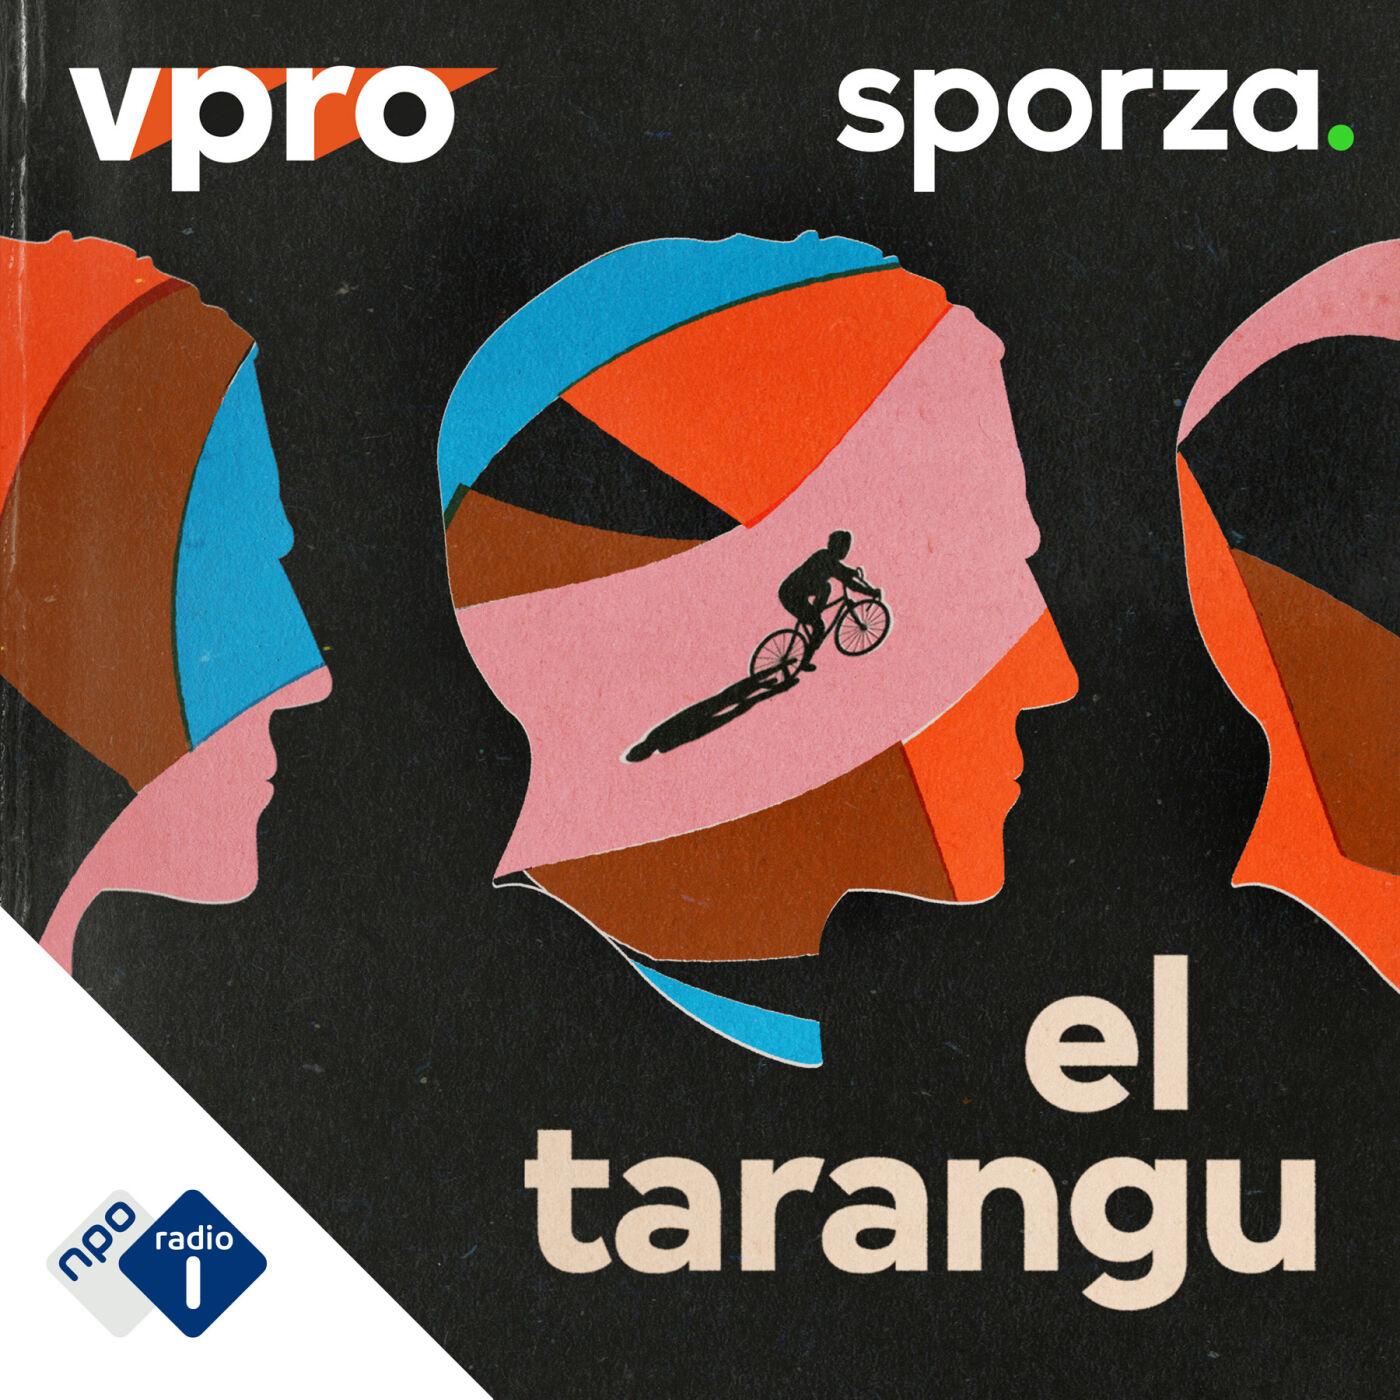 El Tarangu logo